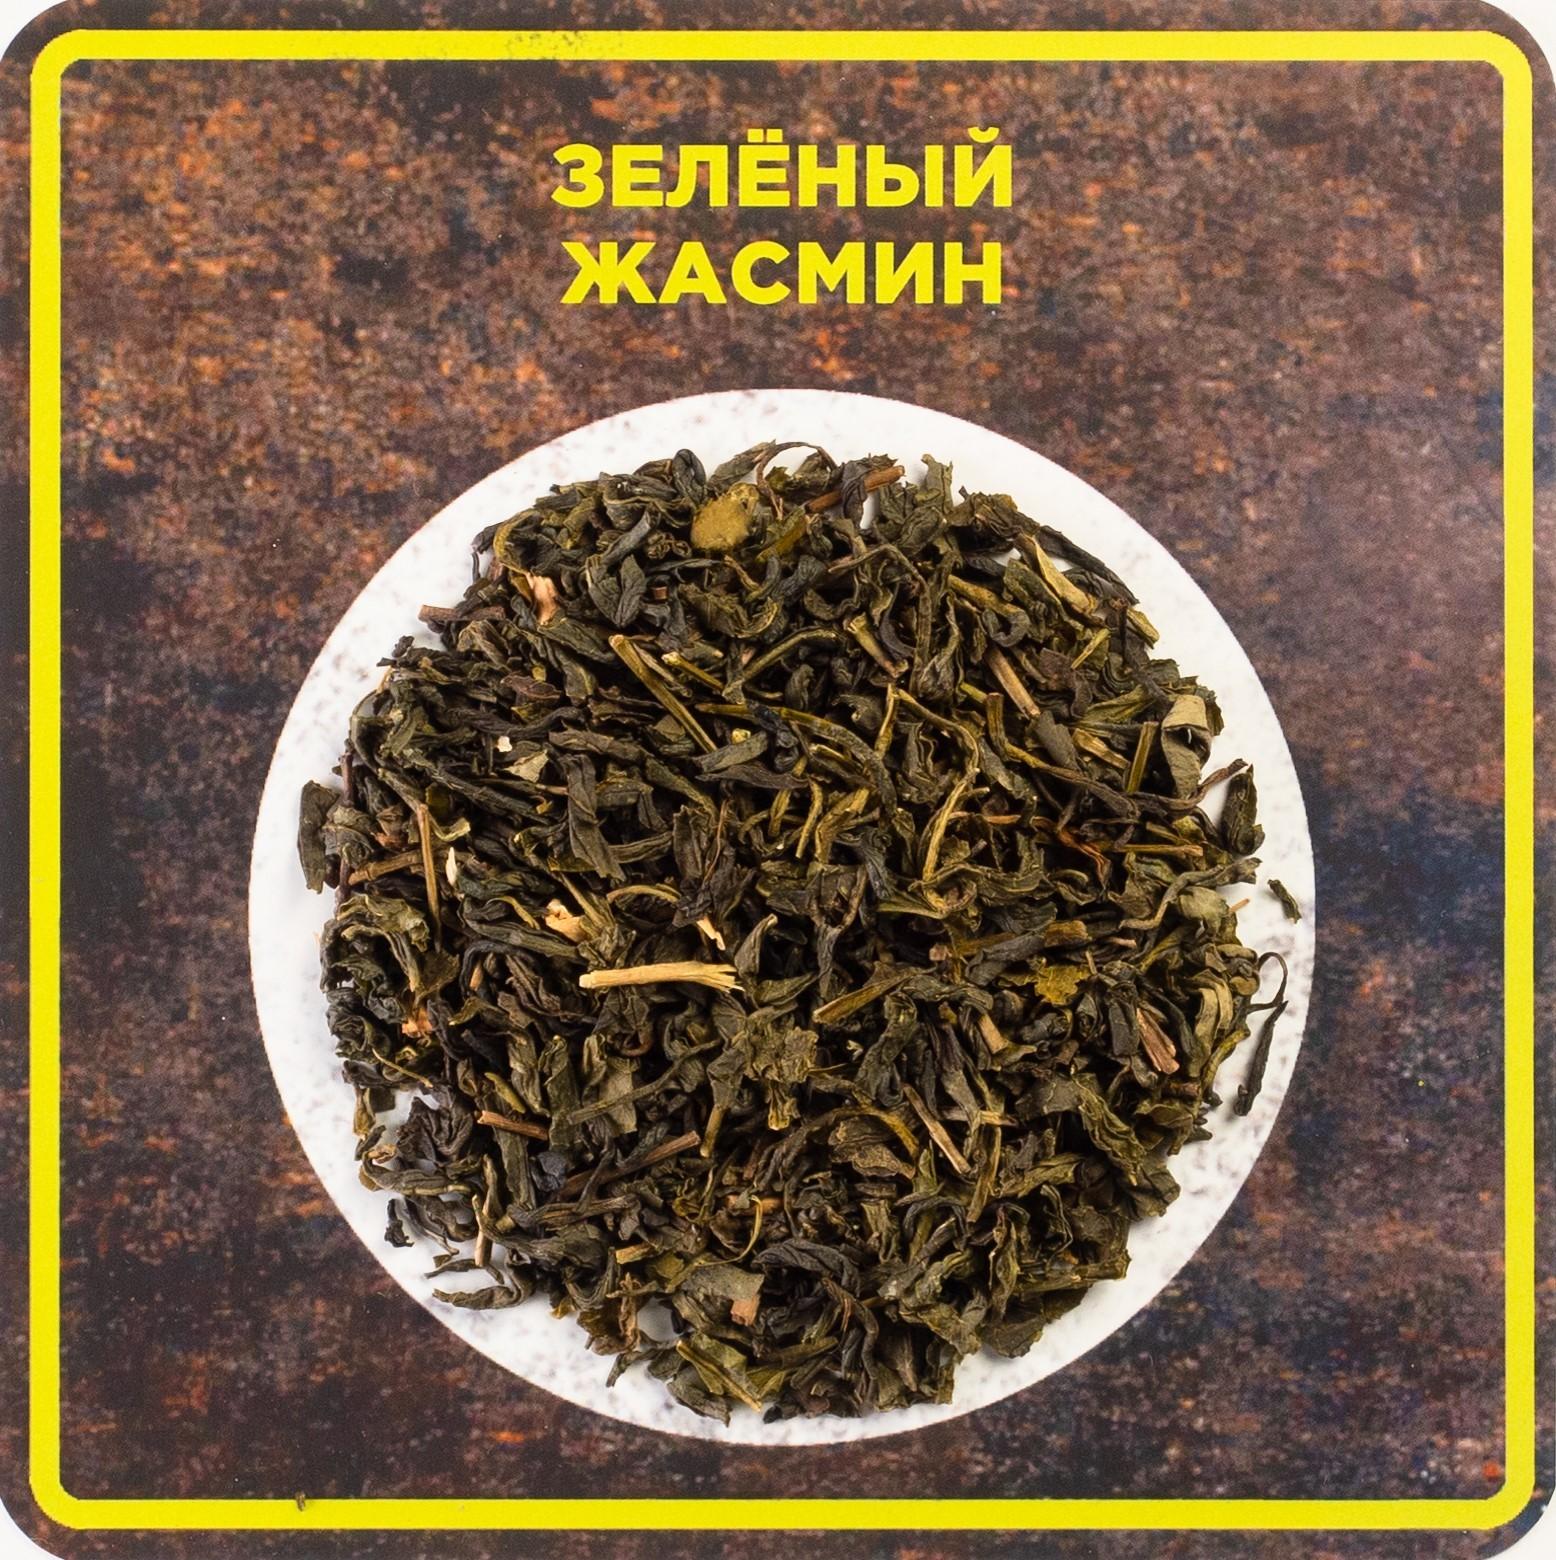 Обзор интересных сортов зеленого чая